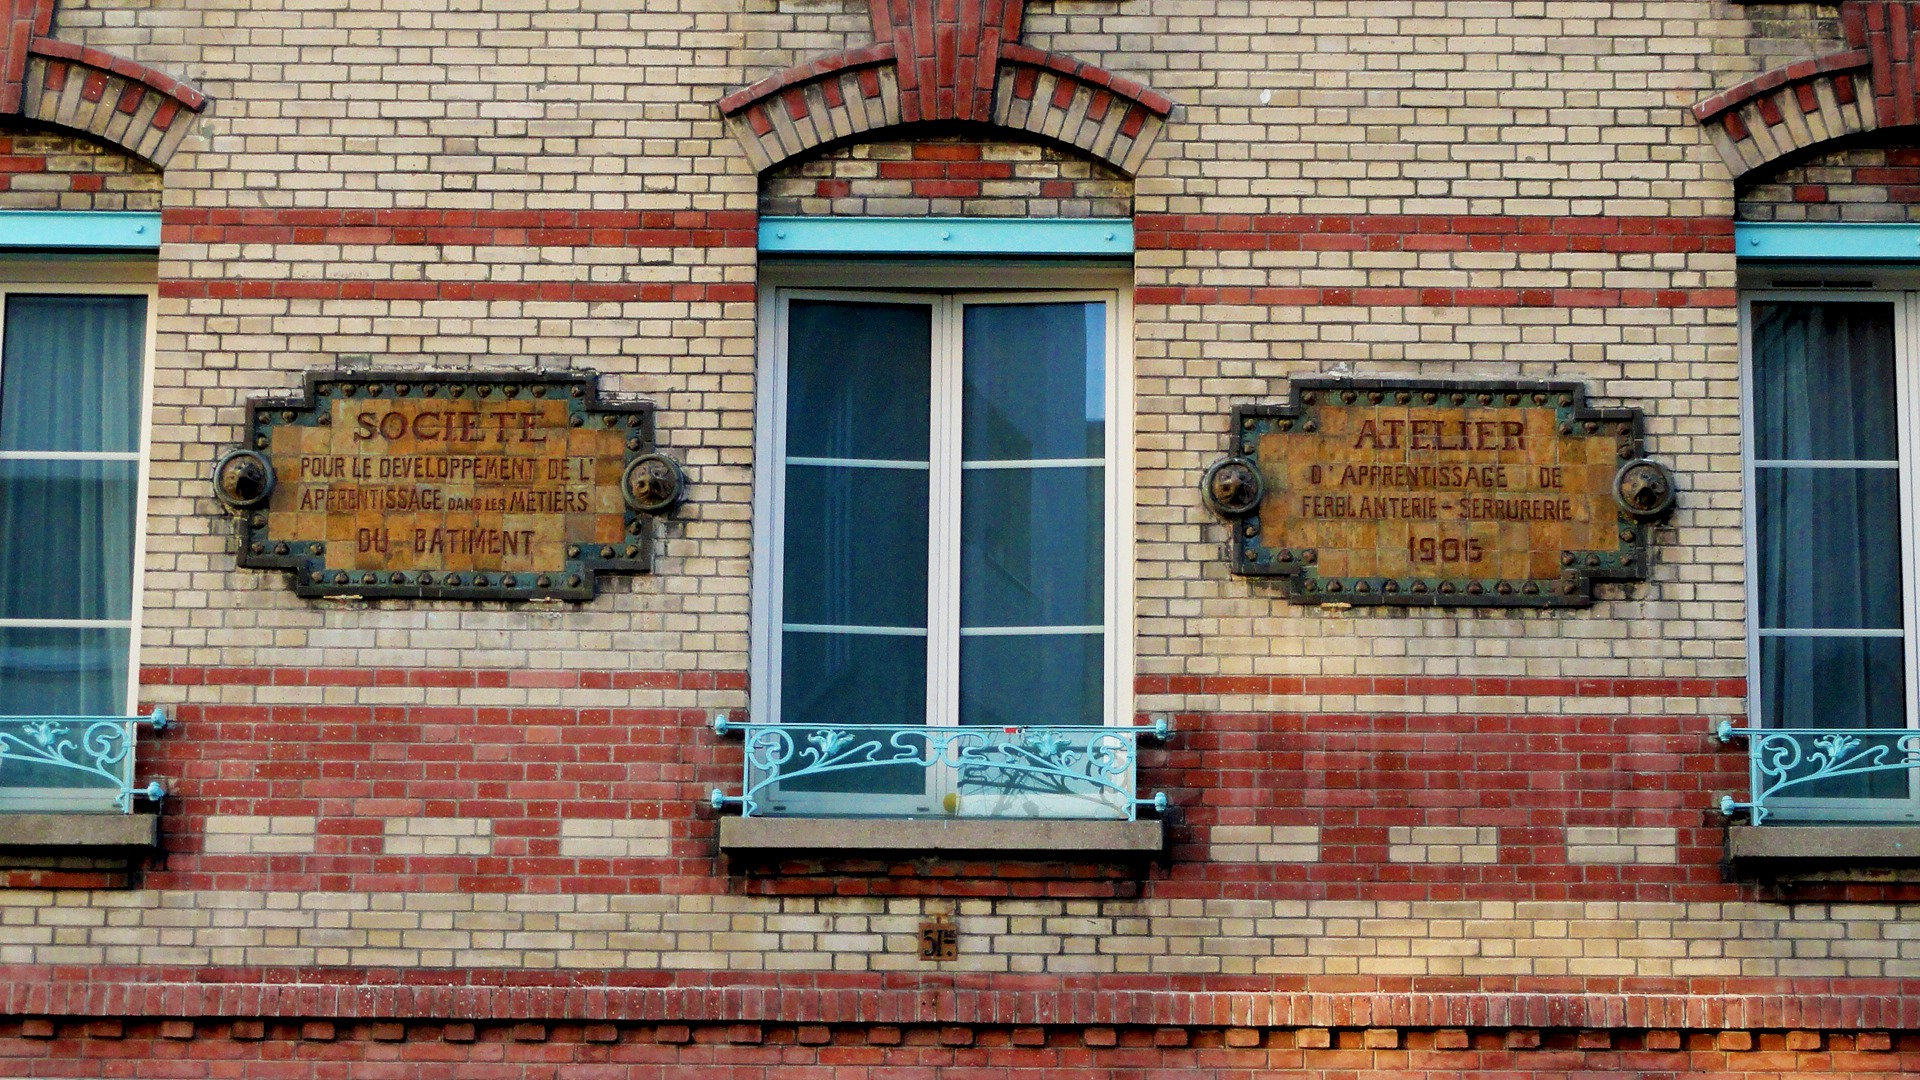 Balade le long de la Petite Ceinture (17e et 18e) - Façade rue des Epinettes